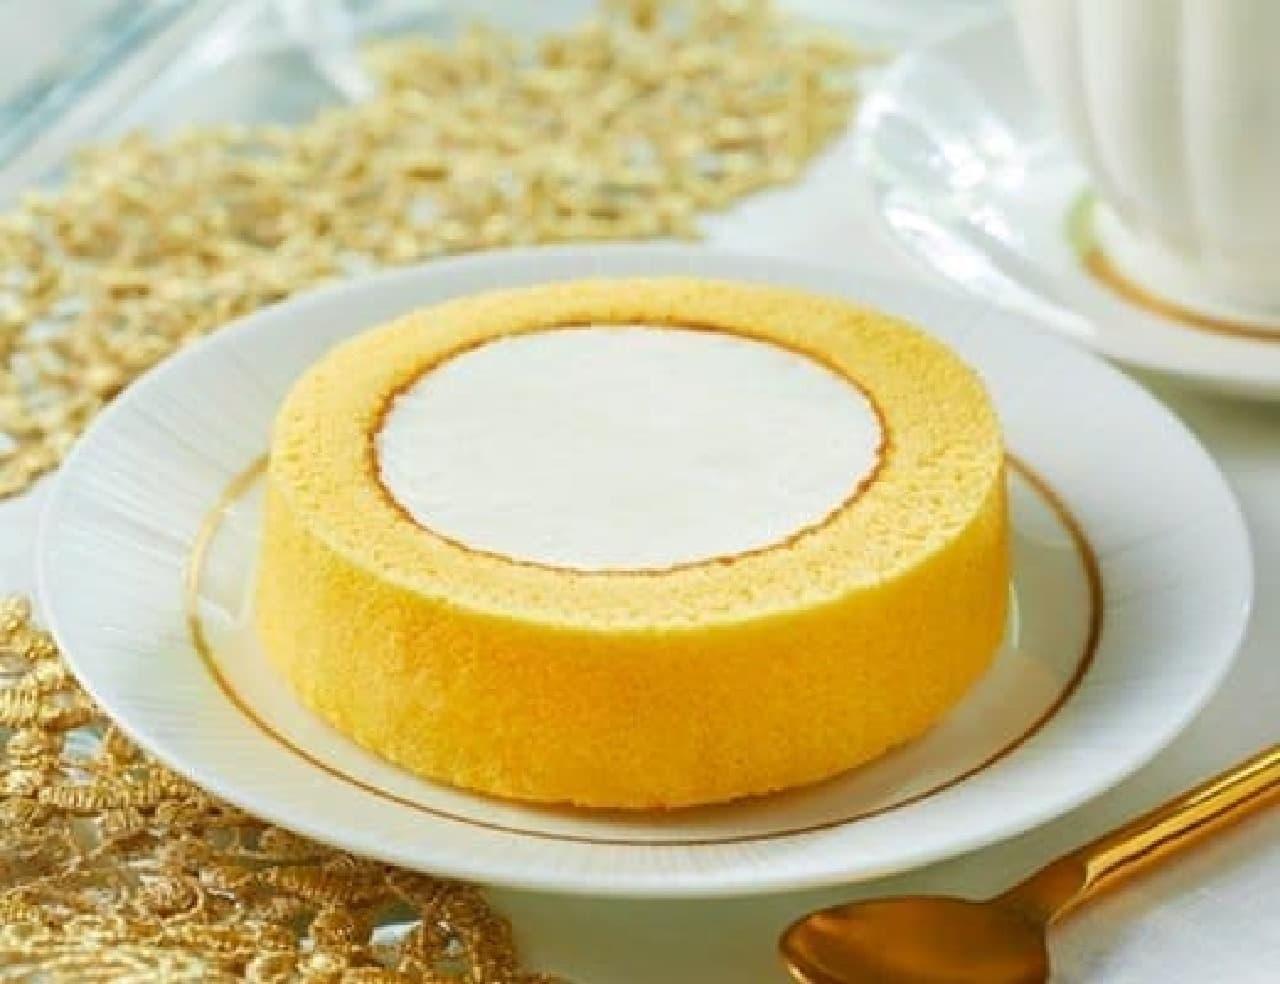 ローソン「新 プレミアムロールケーキ」